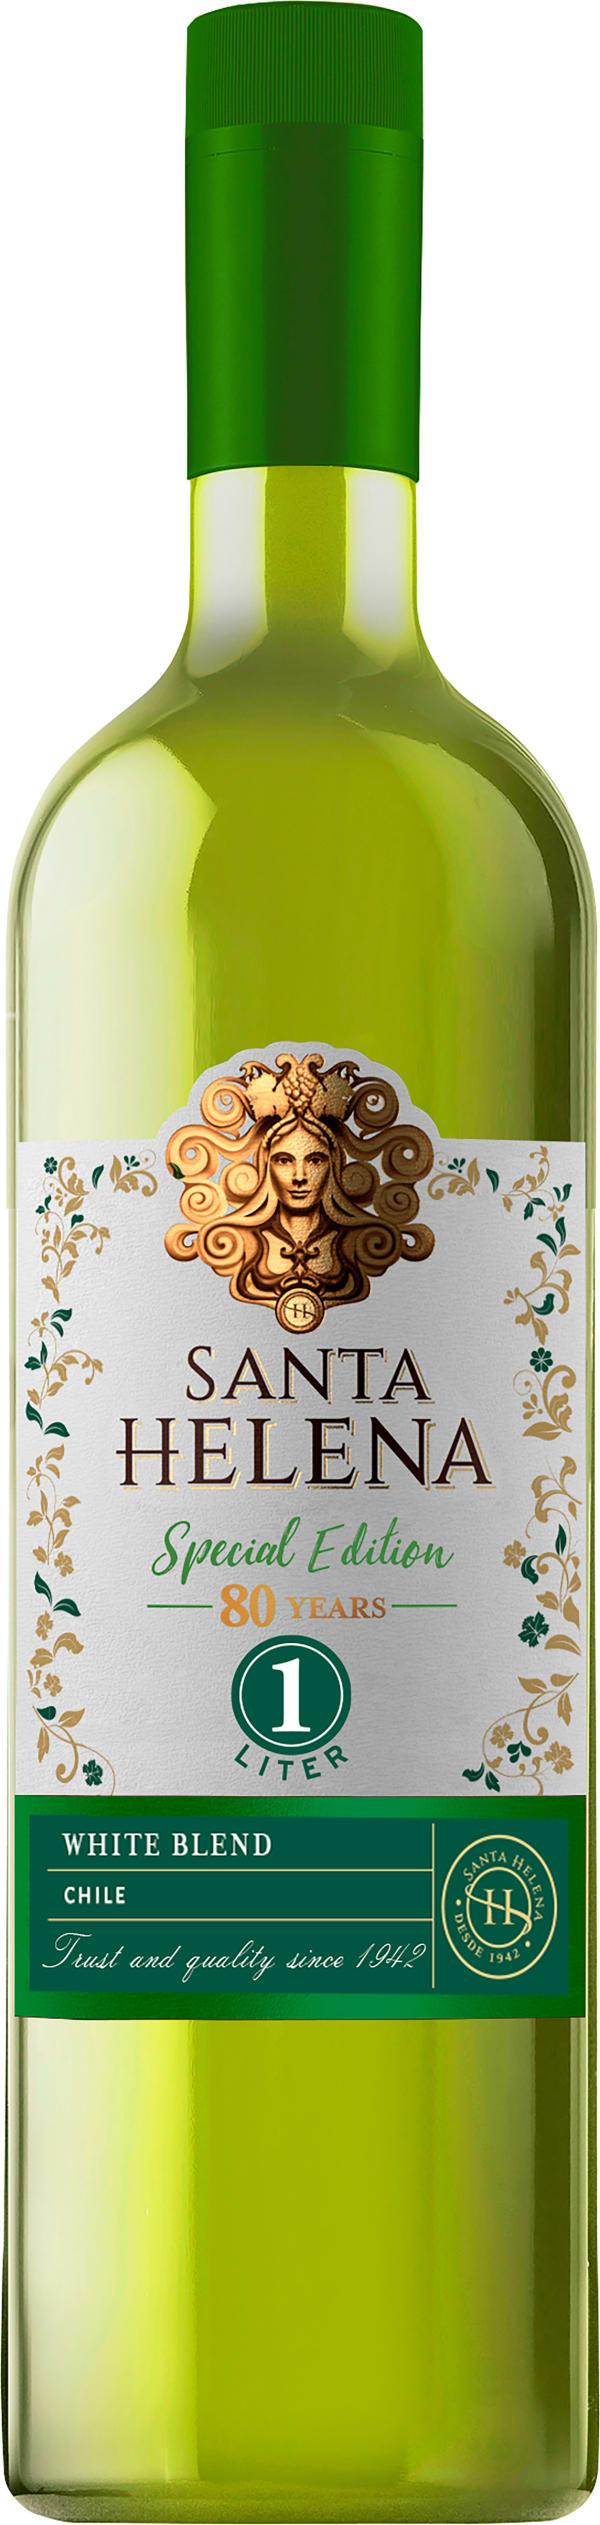 Santa Helena Varietal White Blend 2017 muovipullo